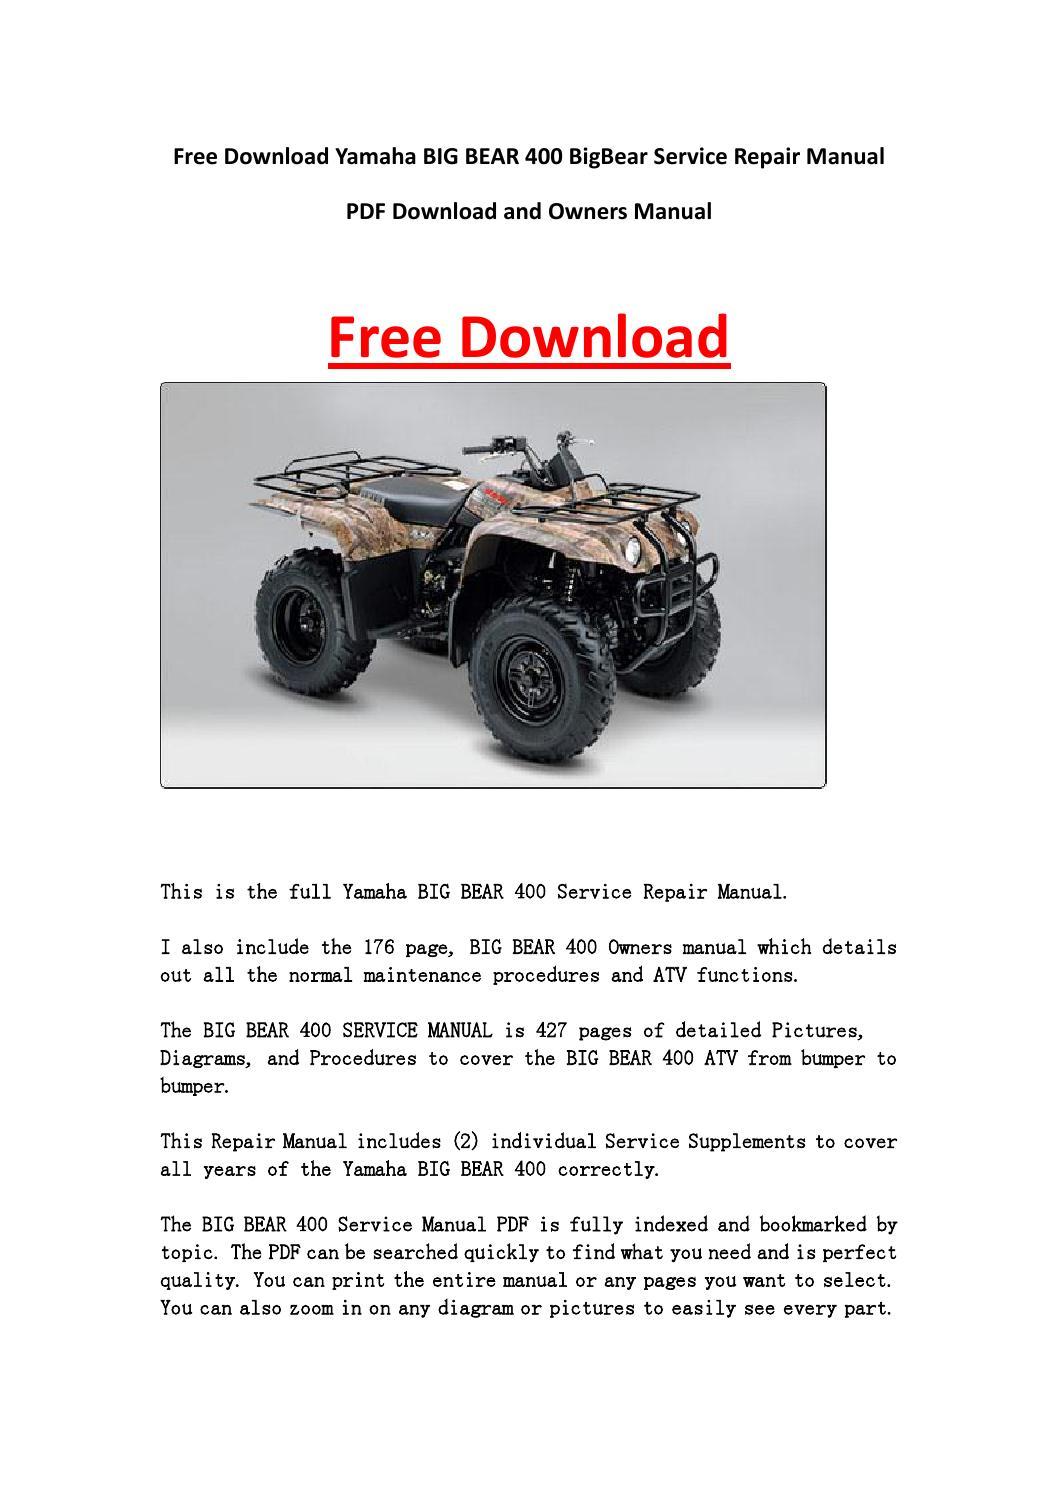 Yamaha Big Bear Manual